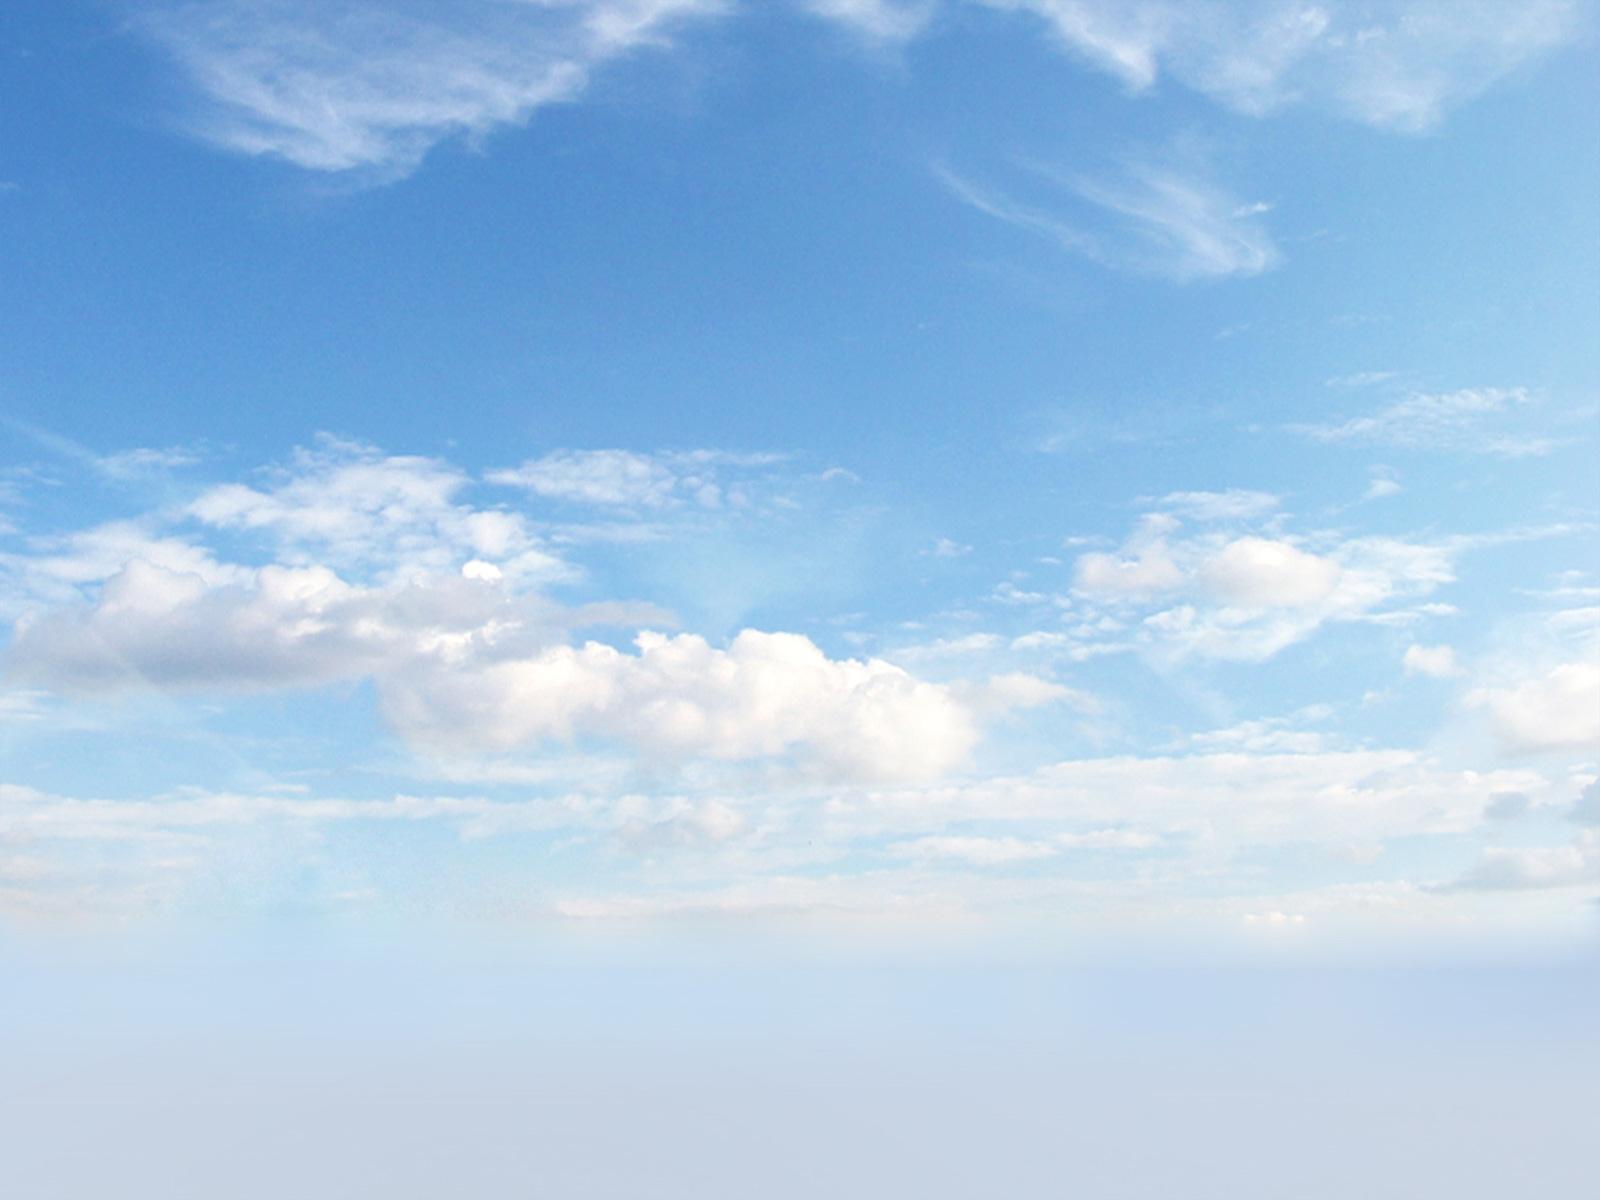 78 Sky Backgrounds On Wallpapersafari